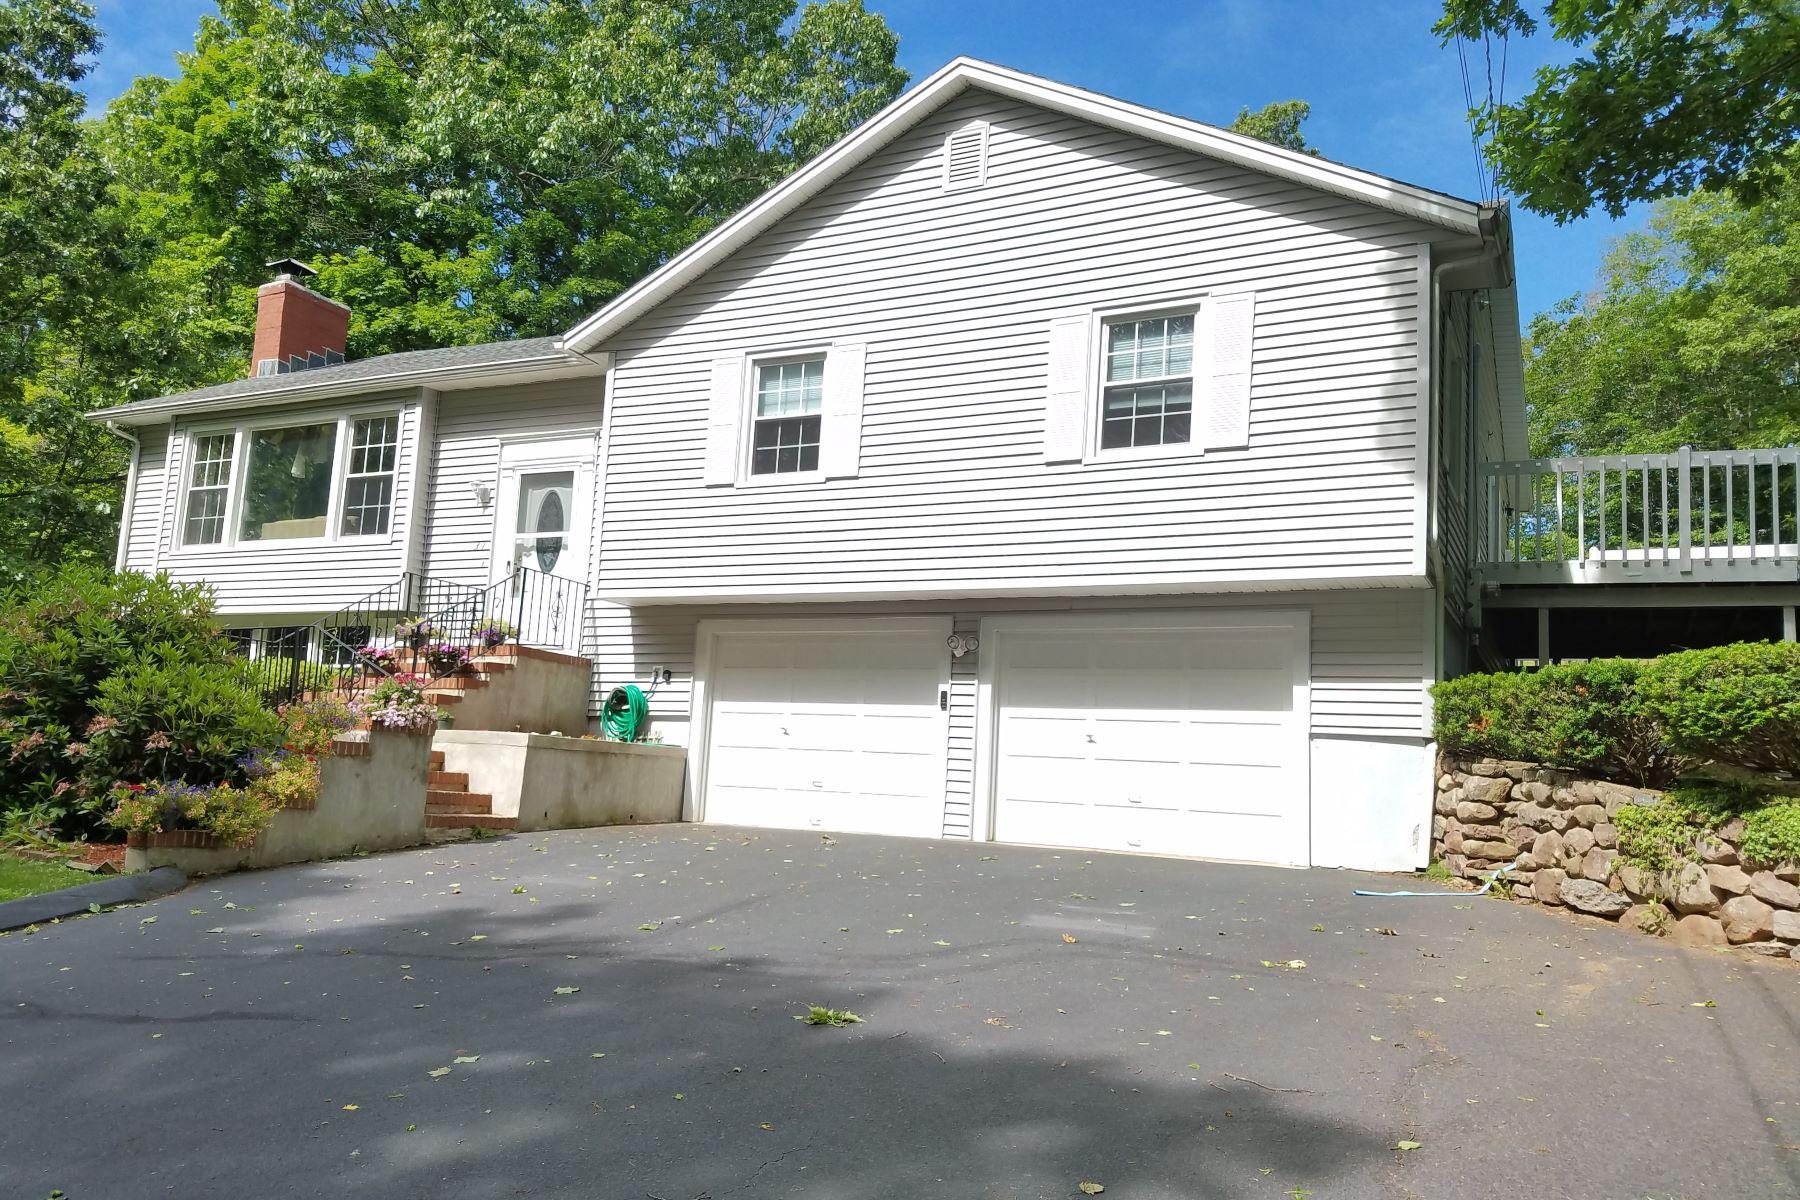 Maison unifamiliale pour l Vente à 31 Mansfield Rd North Haven, Connecticut, 06473 États-Unis